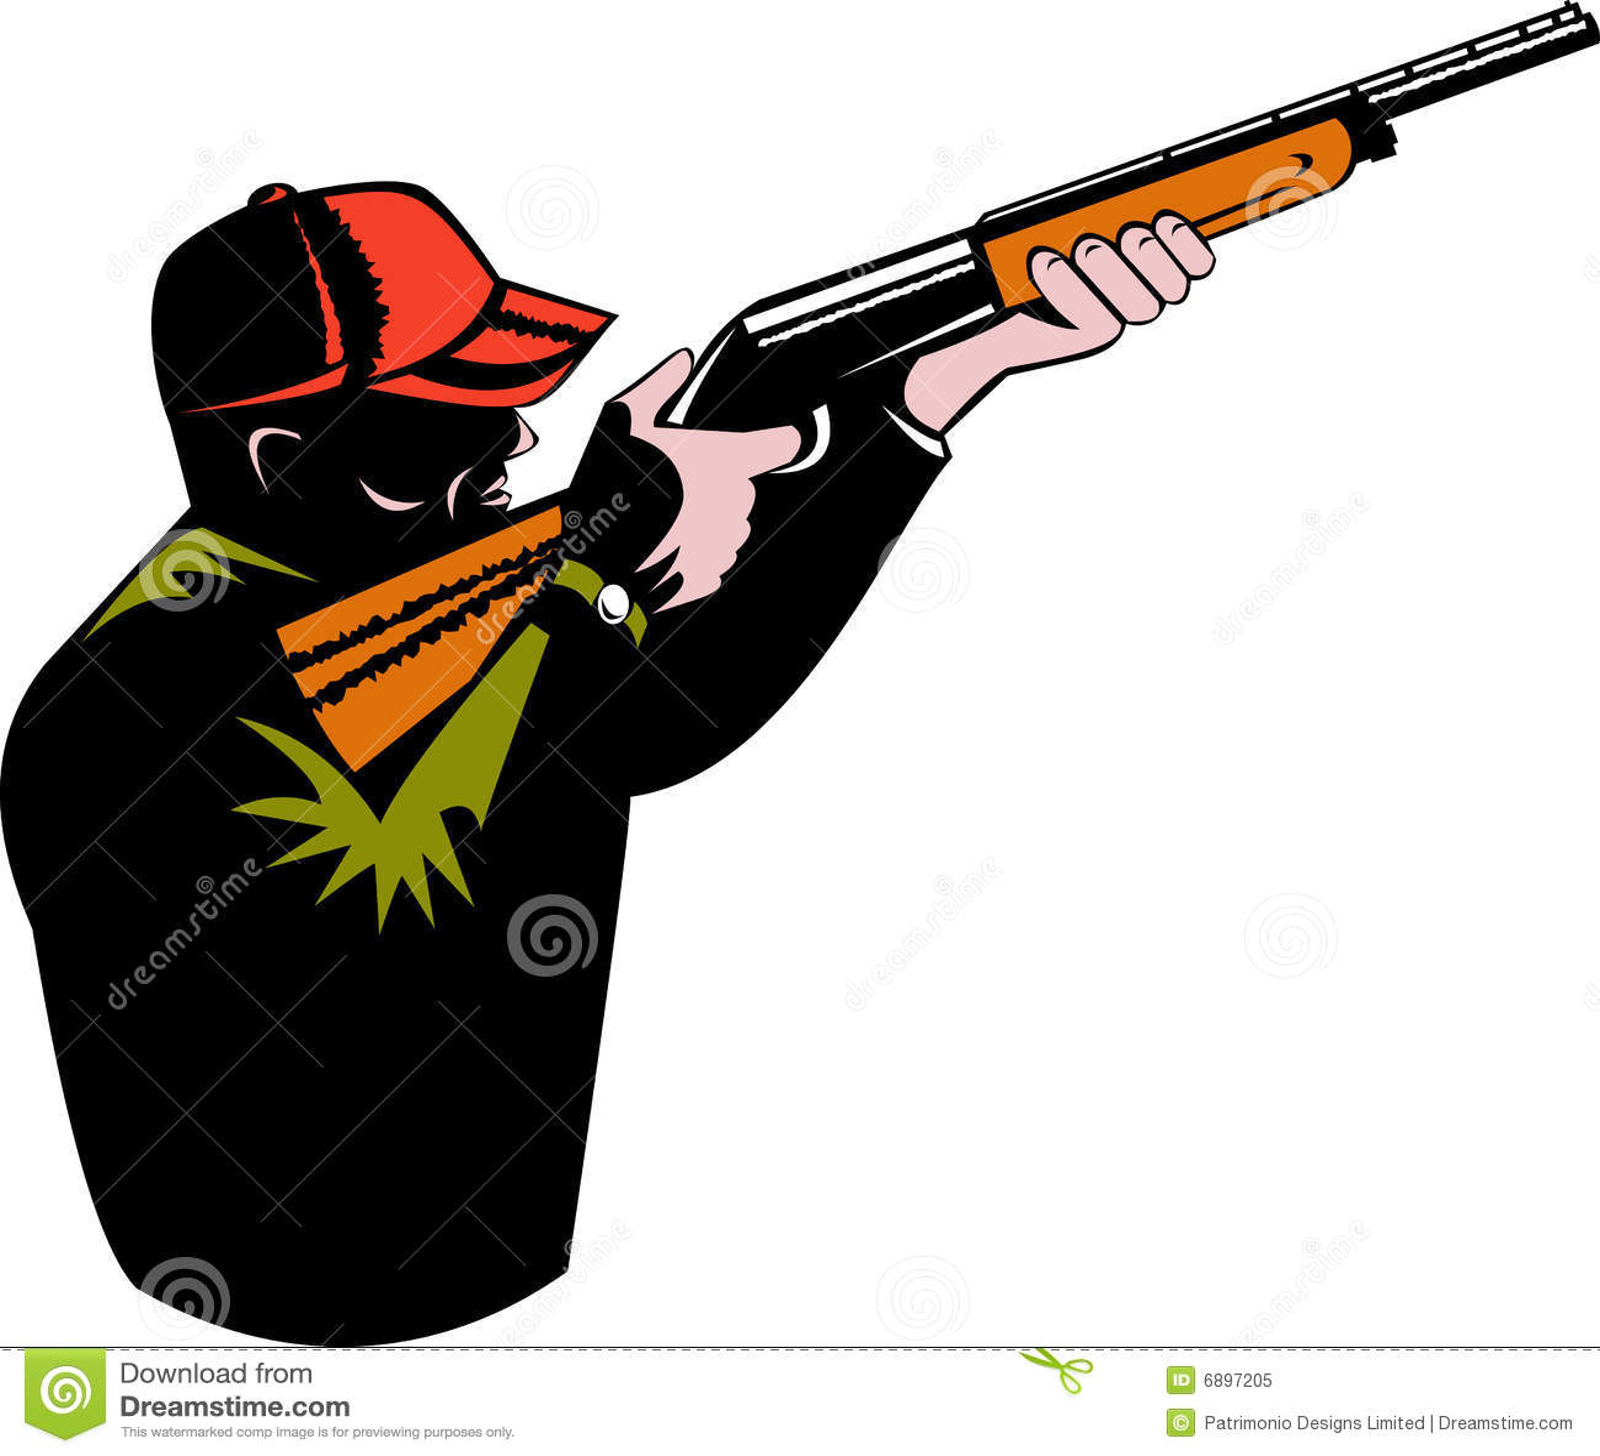 Hunter Aiming A Shotgun Royalty Free Stock Photo - Image ...